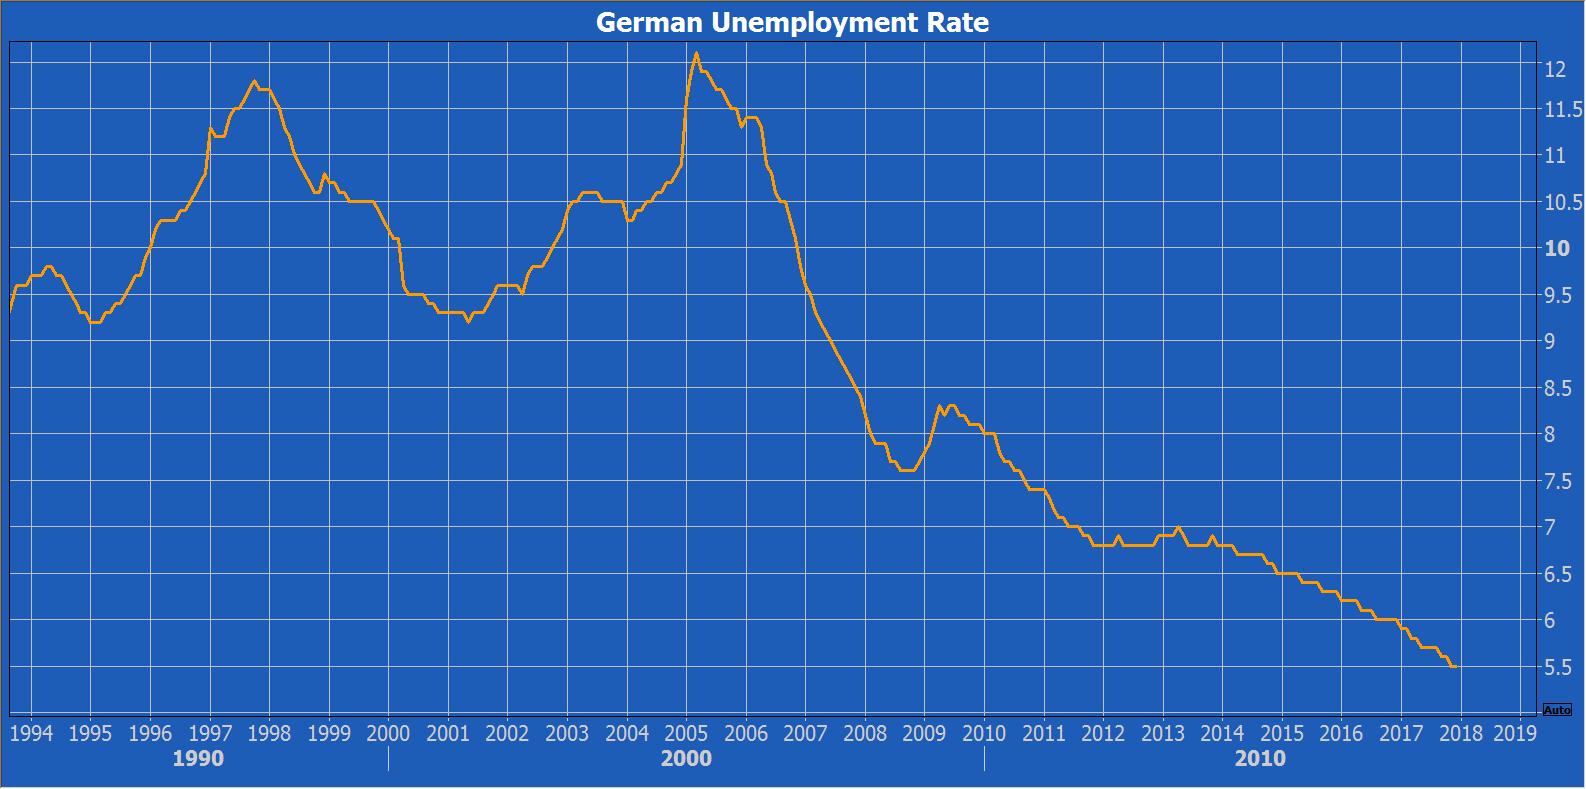 unemployment analysis